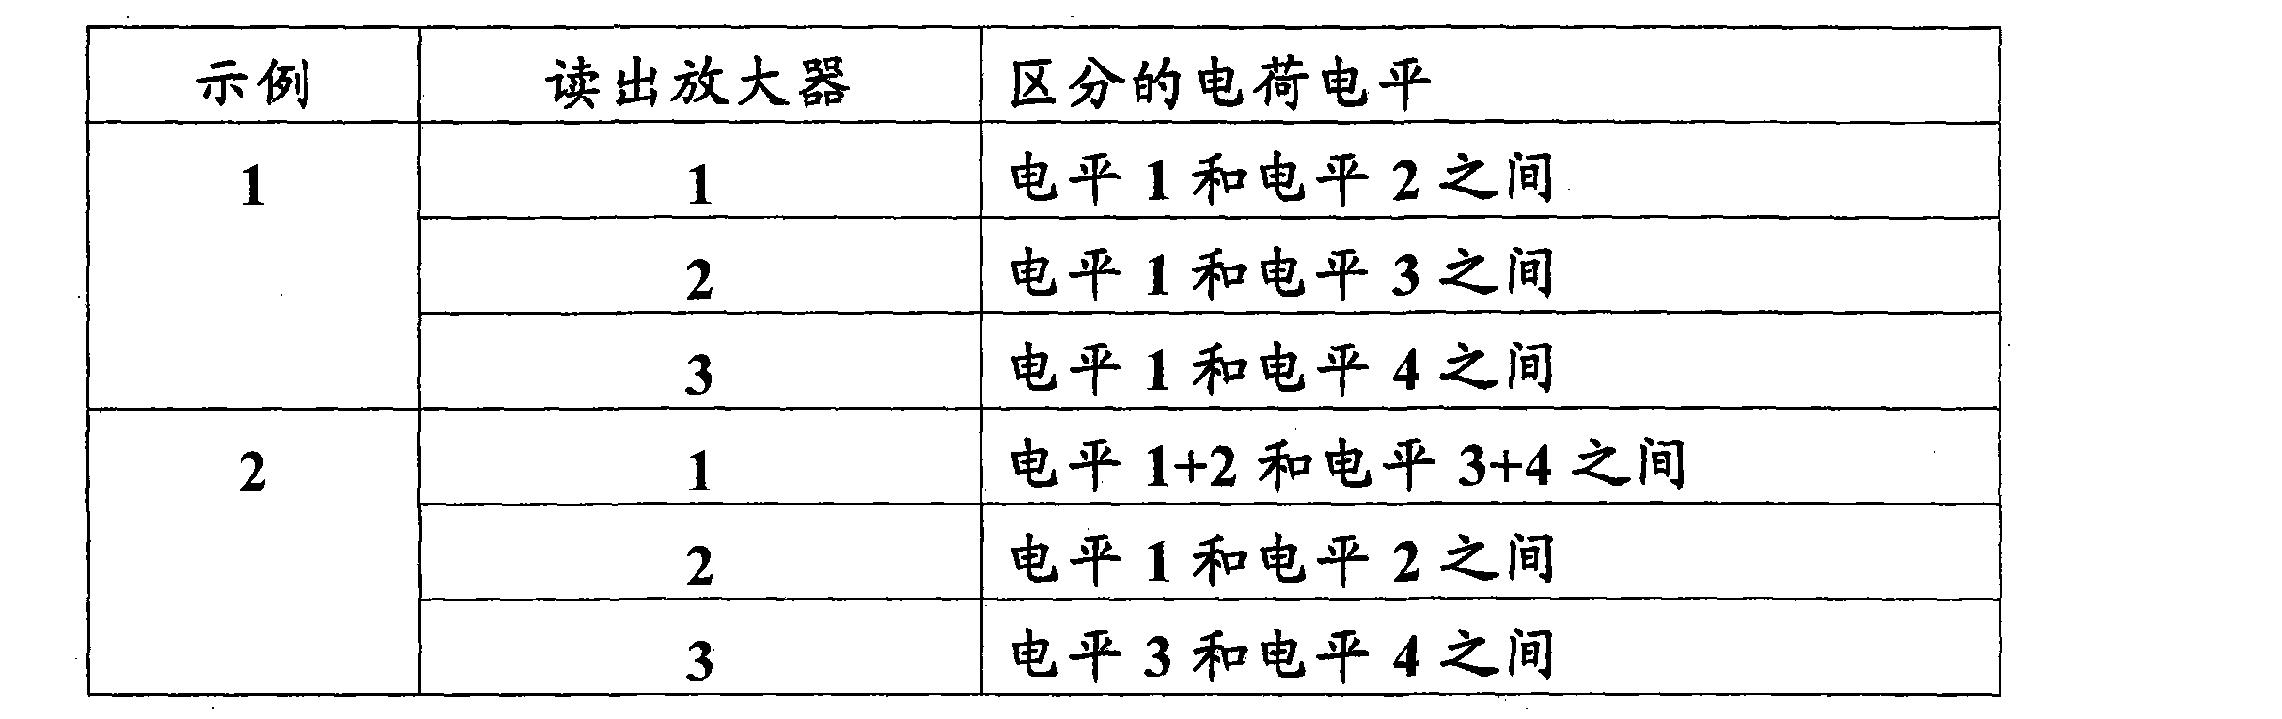 Figure CN101842850BD00051